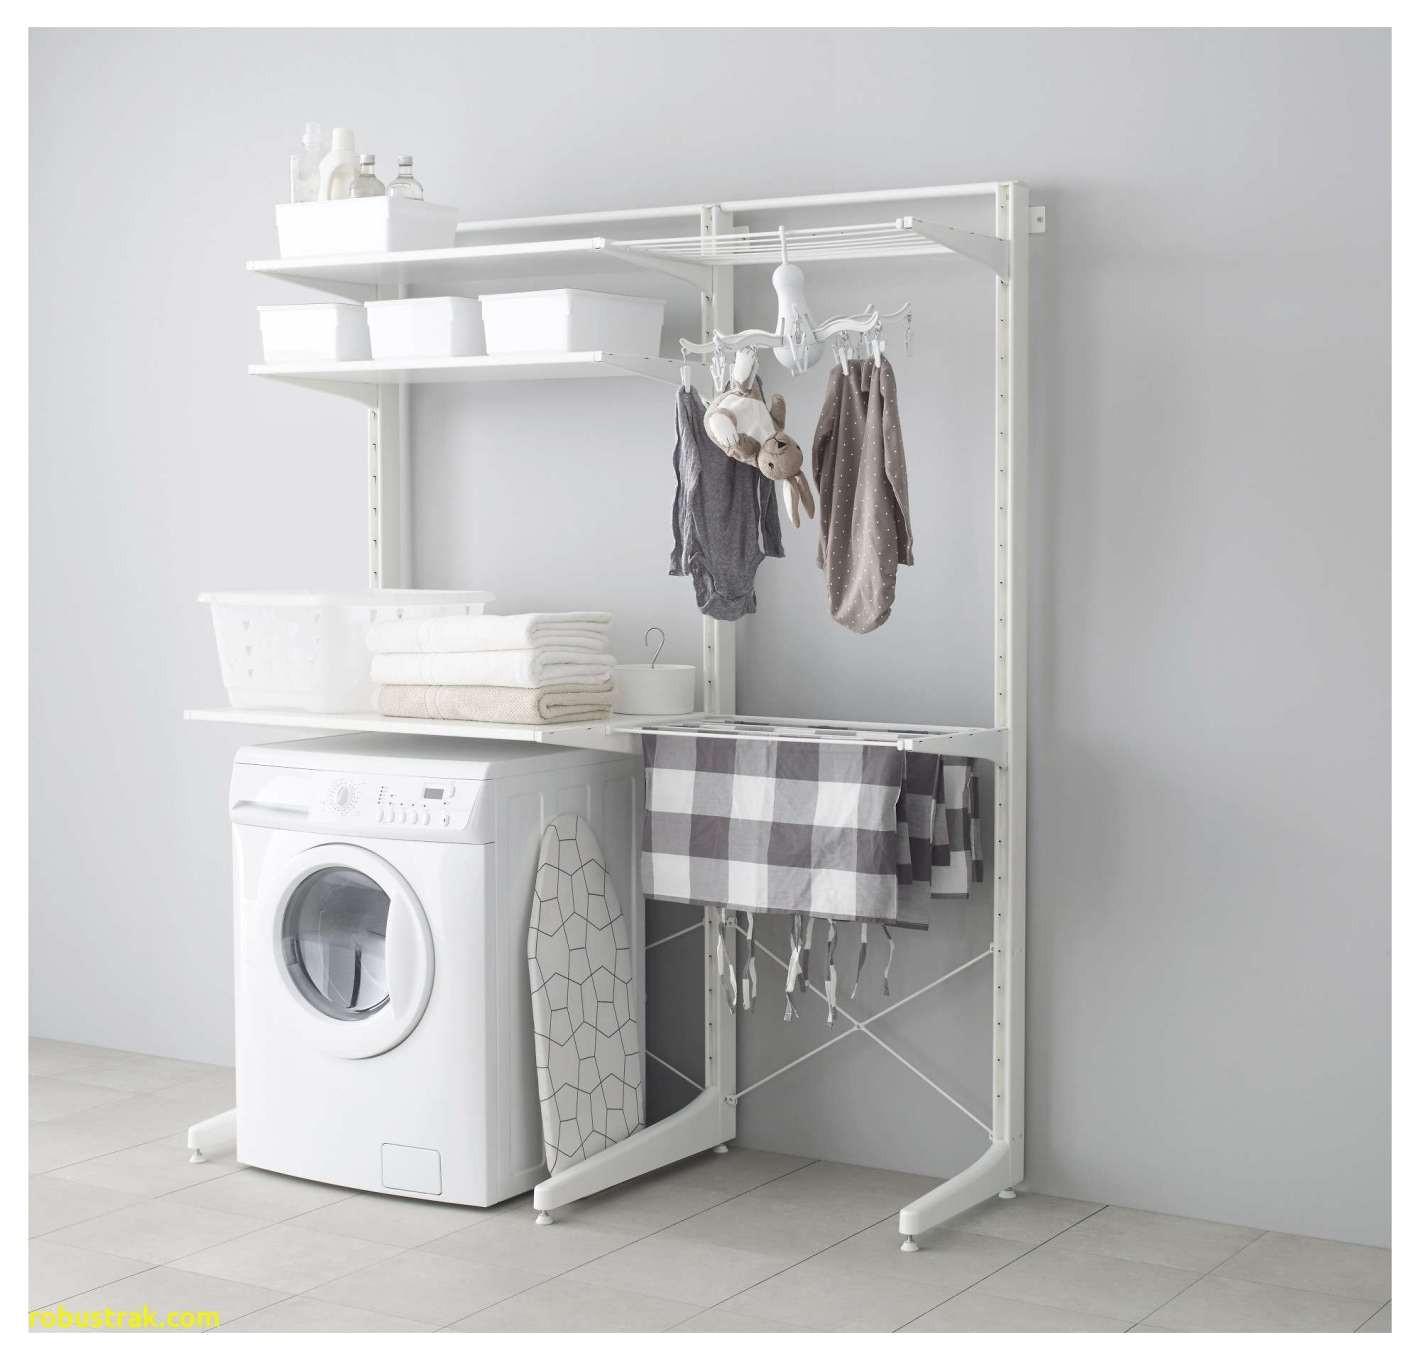 ikea dishwasher panel plus best ikea laundry